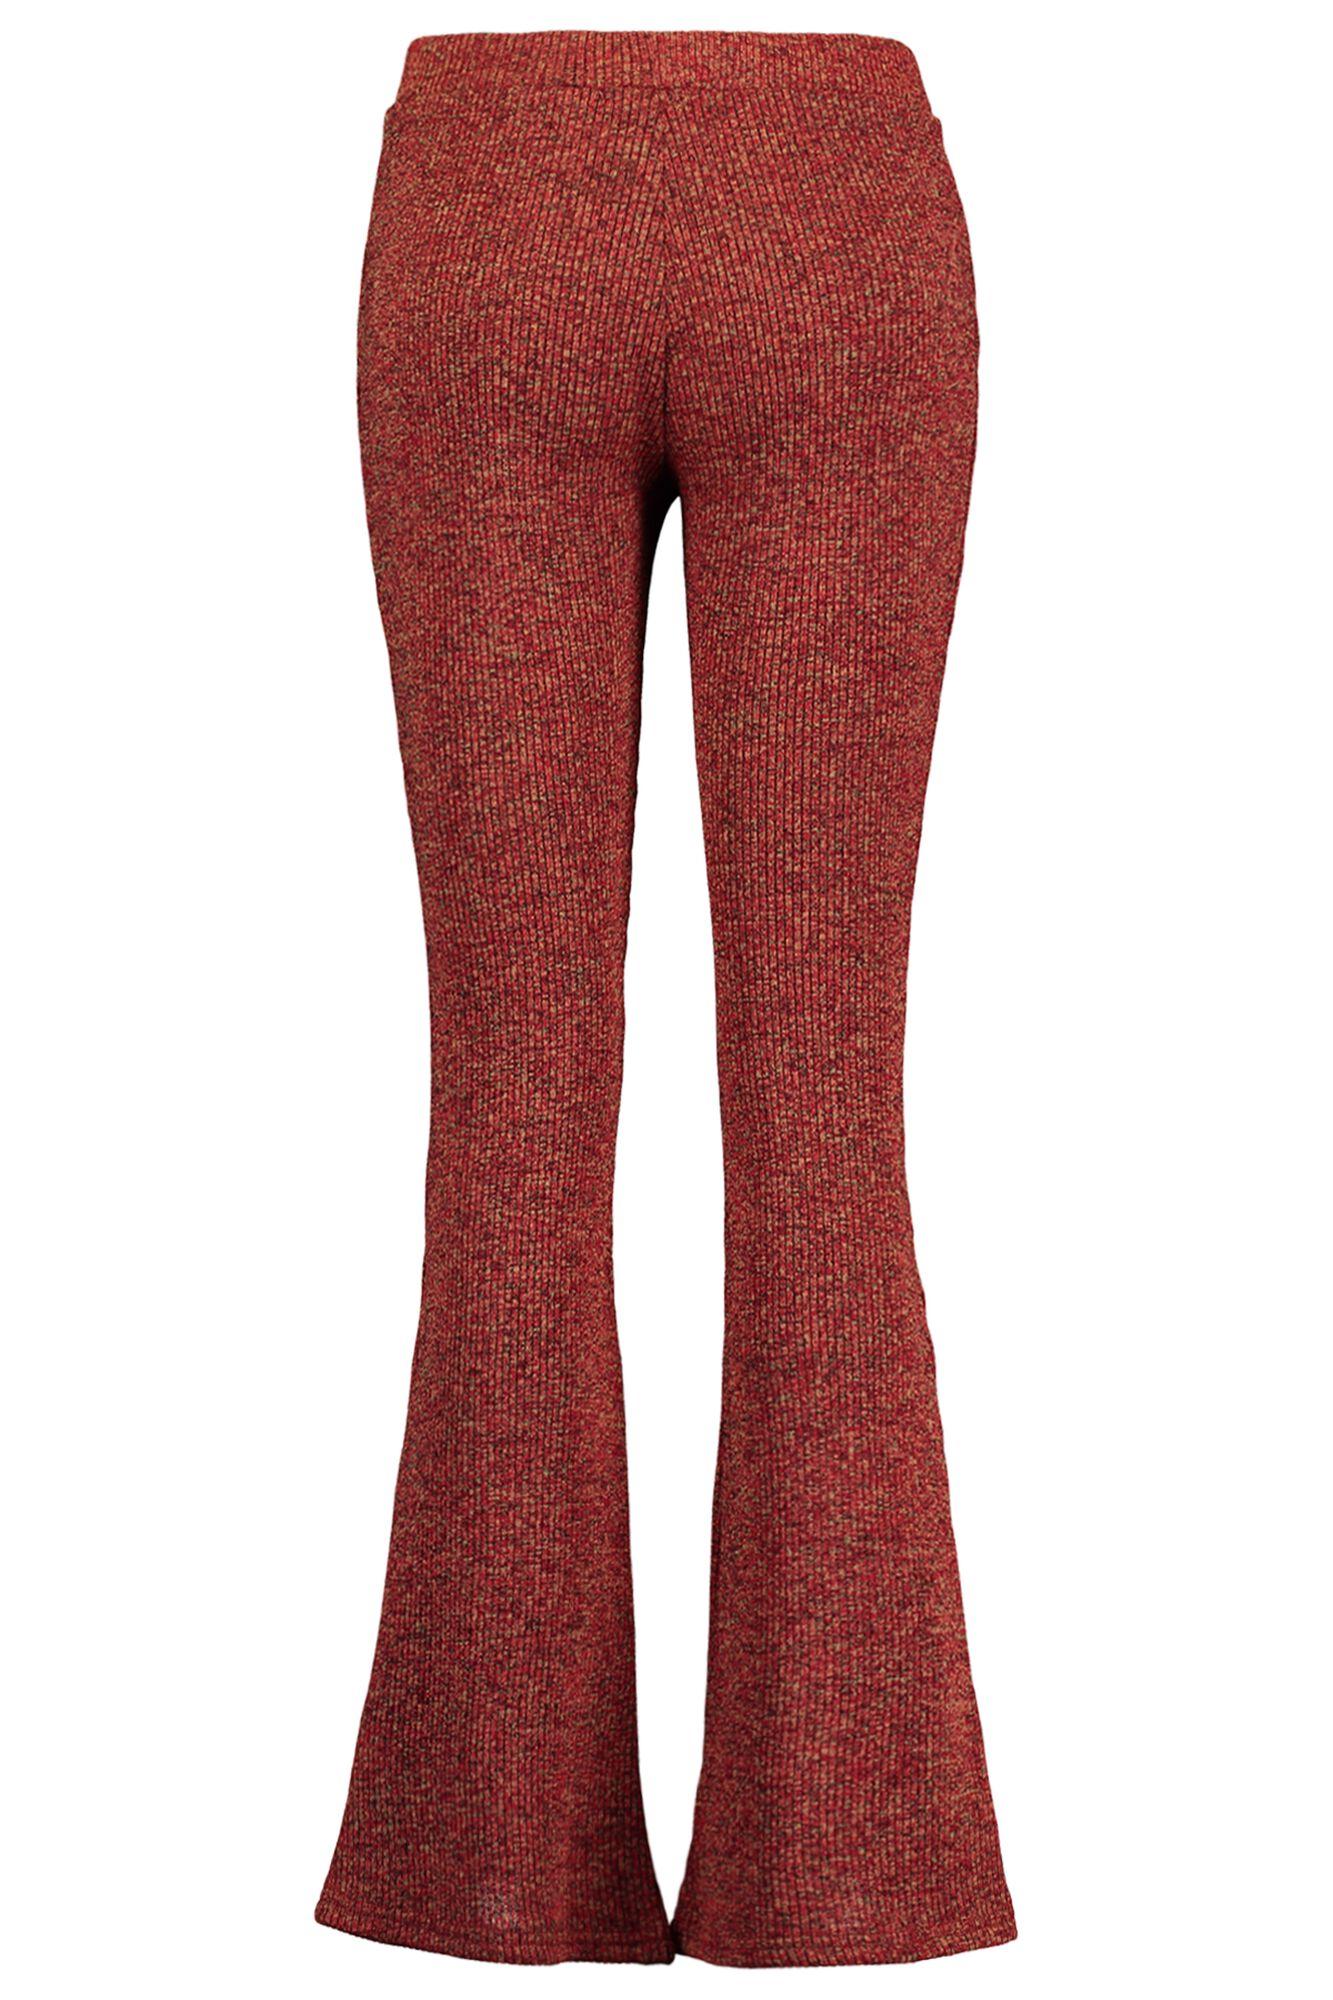 815fe584f8 Women Legging Flared Chloe Red Buy Online